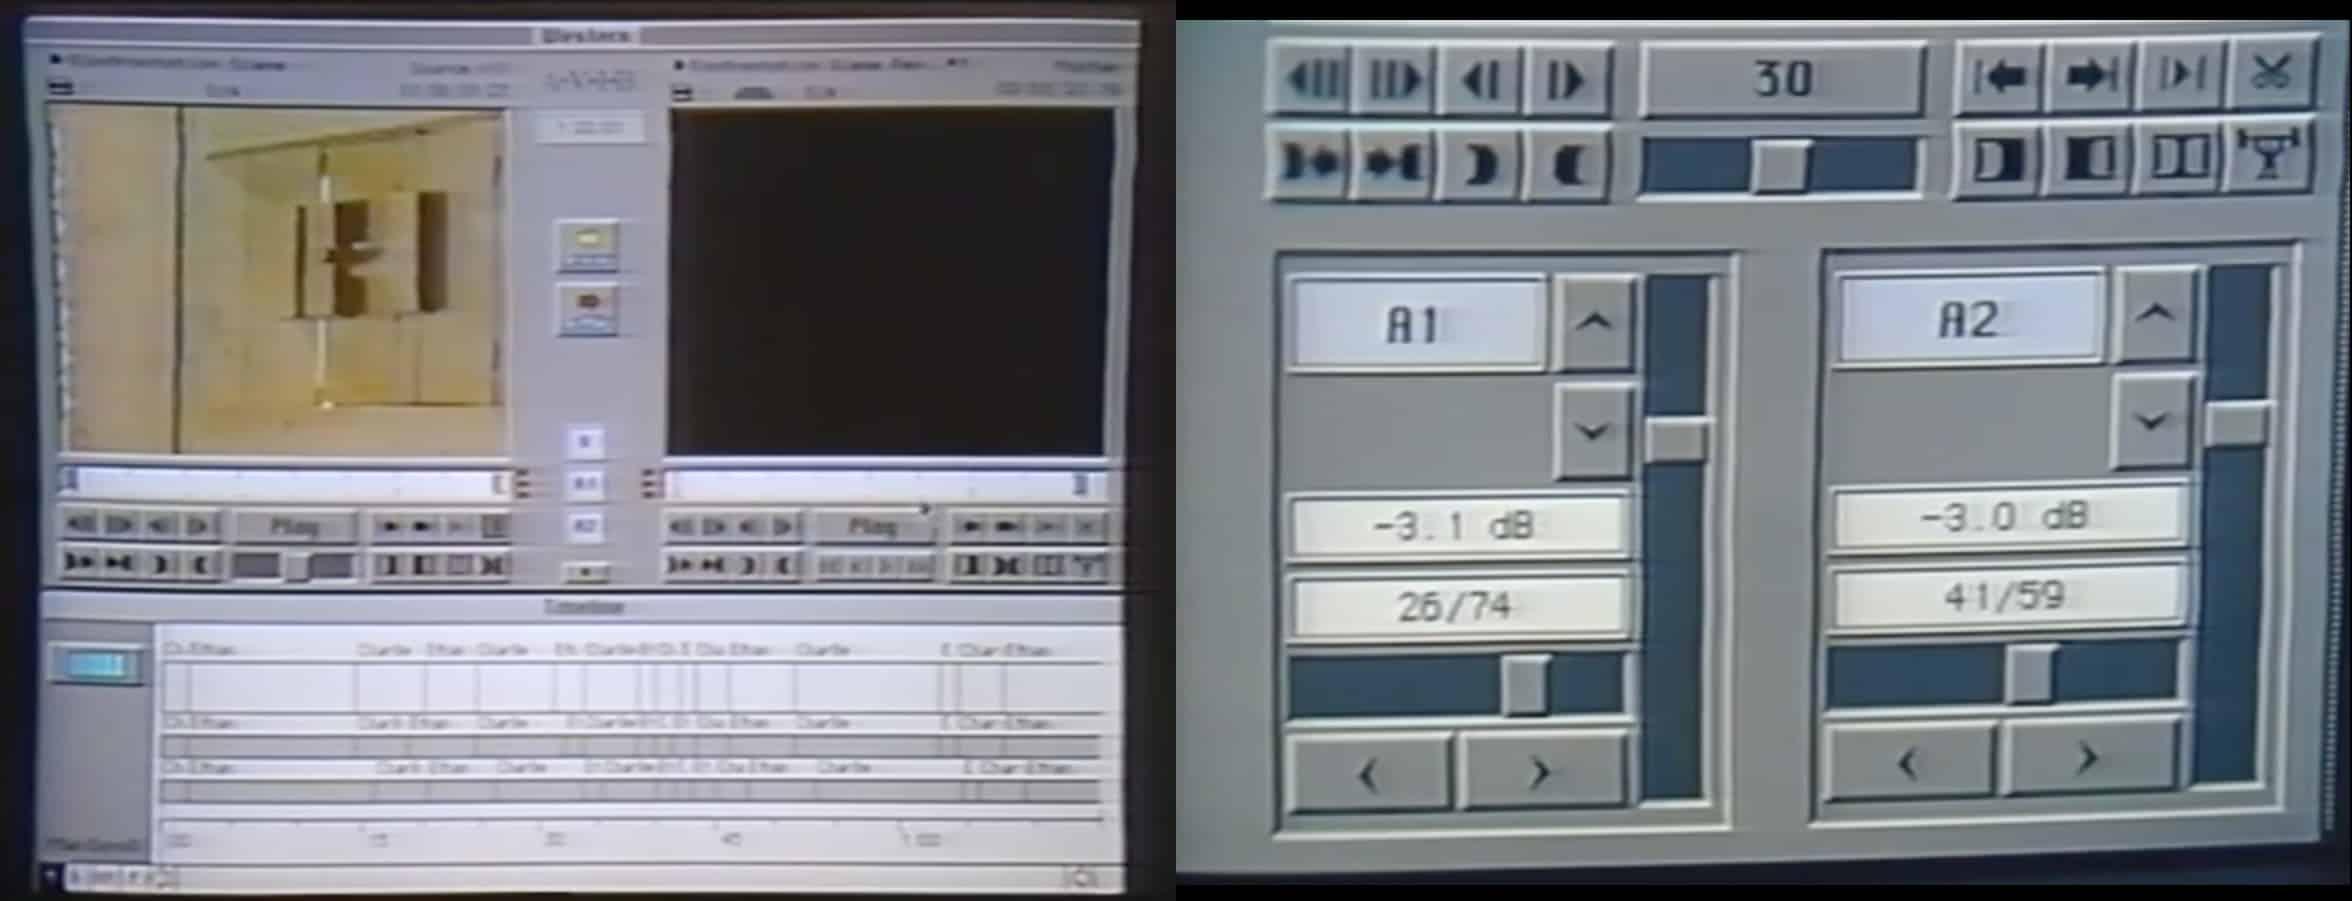 Avid 1 1989